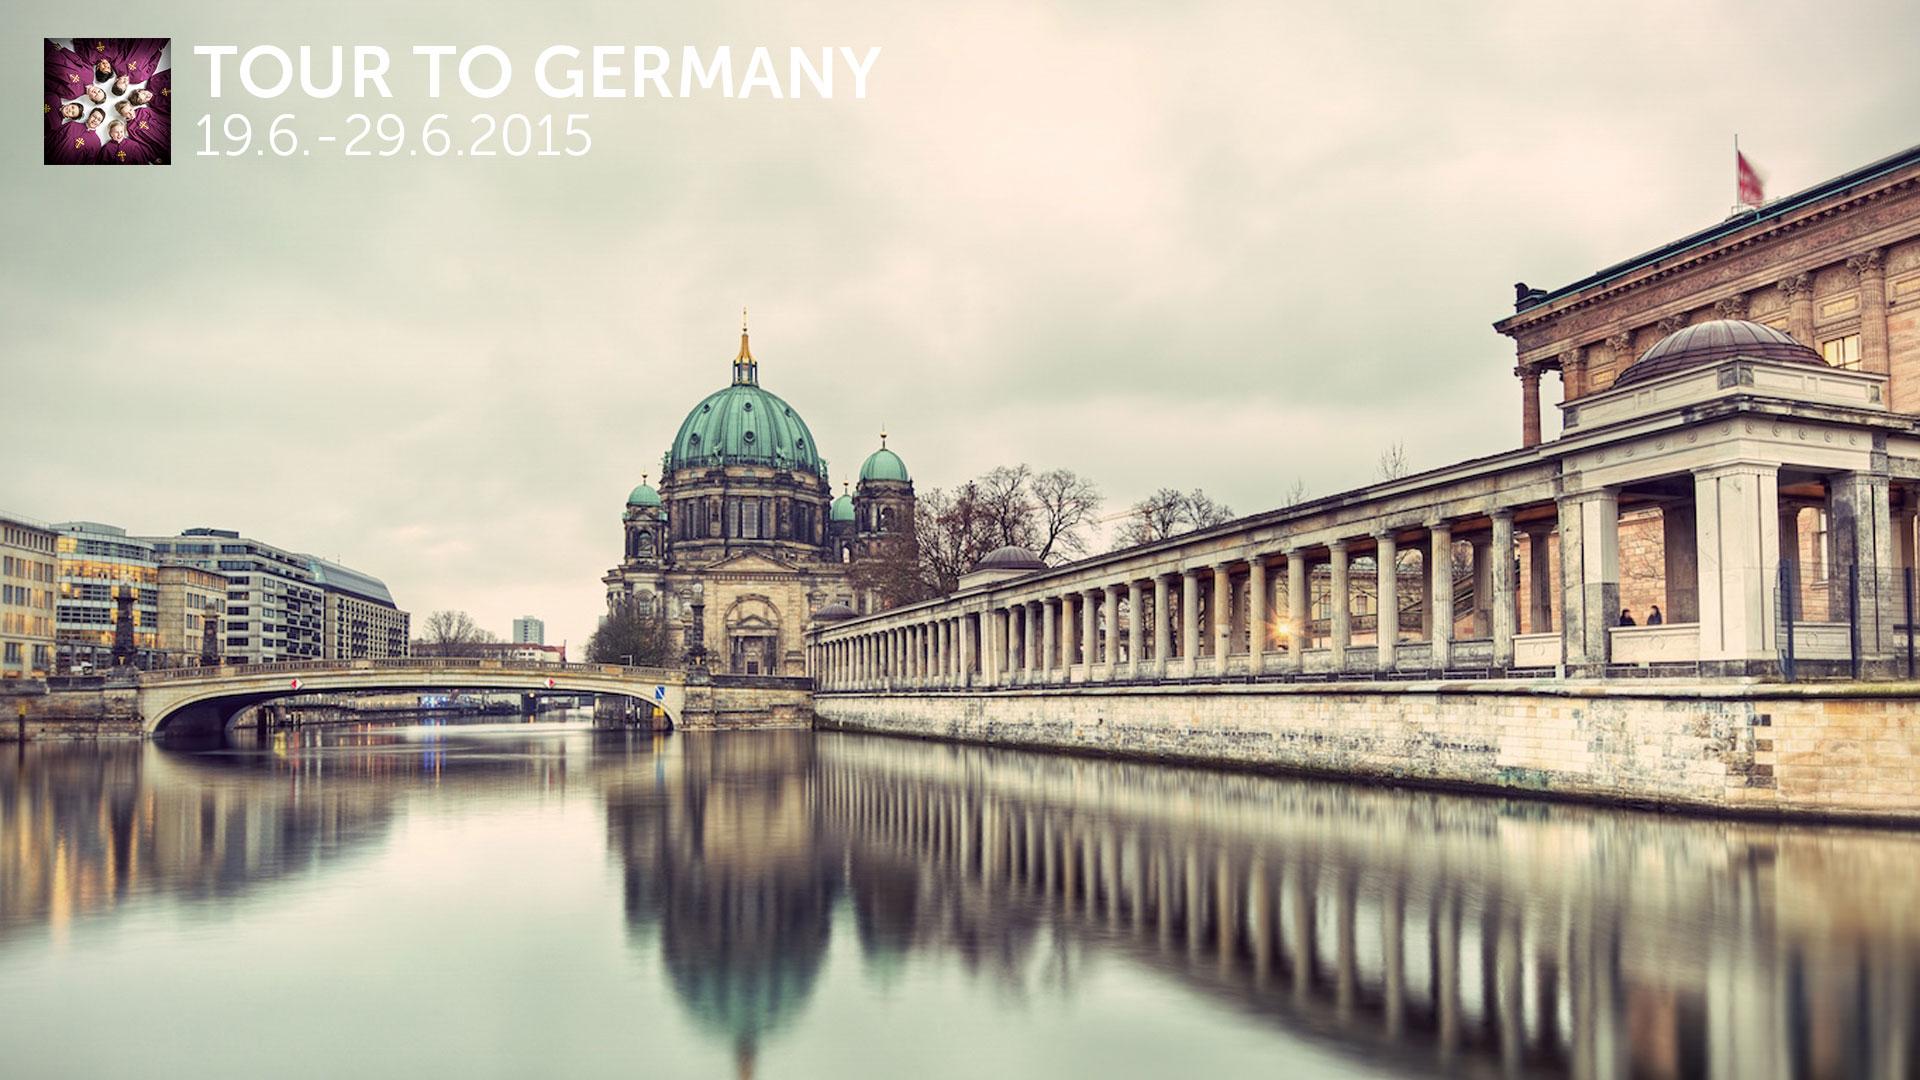 turheader-tyskland15.jpg